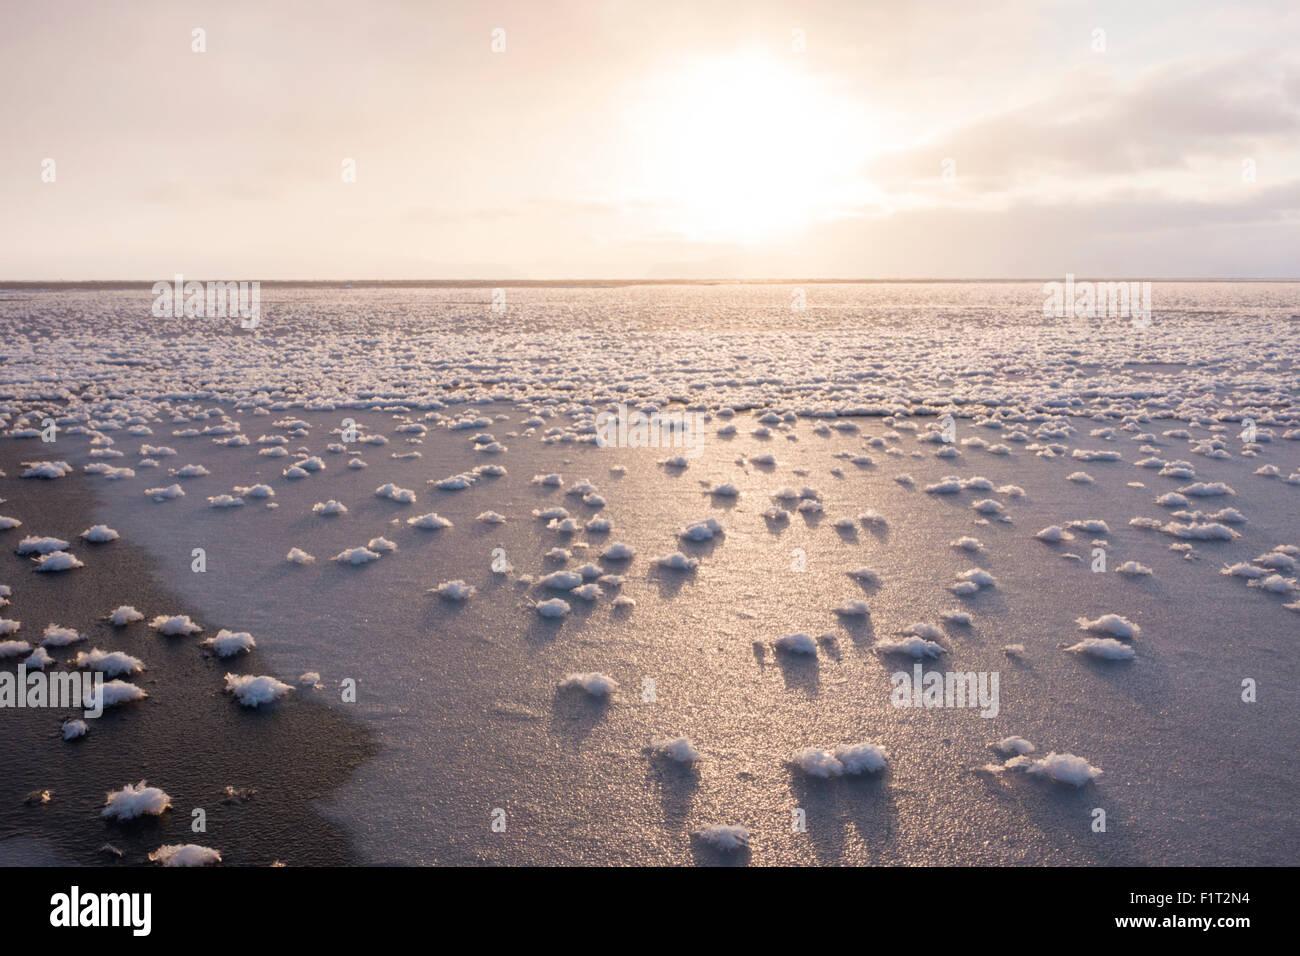 Flores de escarcha formada sobre una fina capa de hielo cuando la atmósfera es mucho más frío que Imagen De Stock